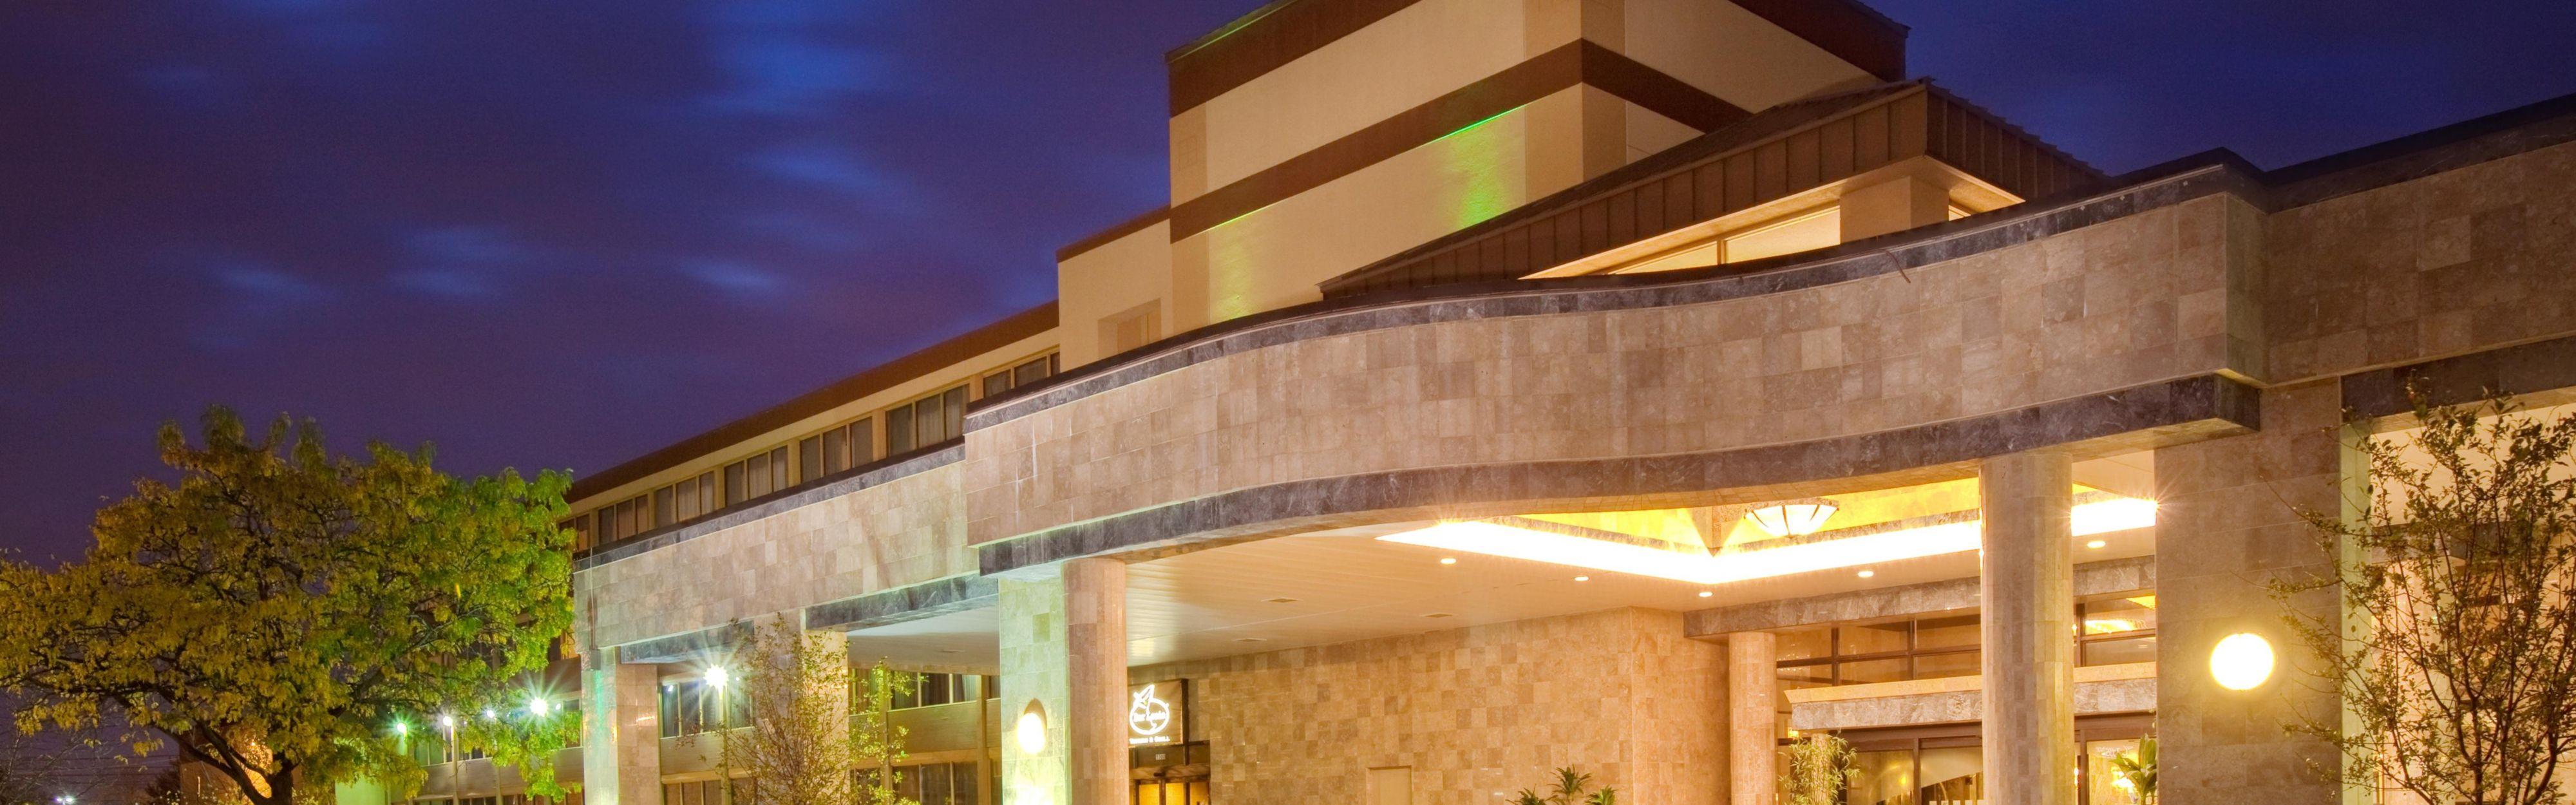 Ihg Hotels Near Wrigley Field